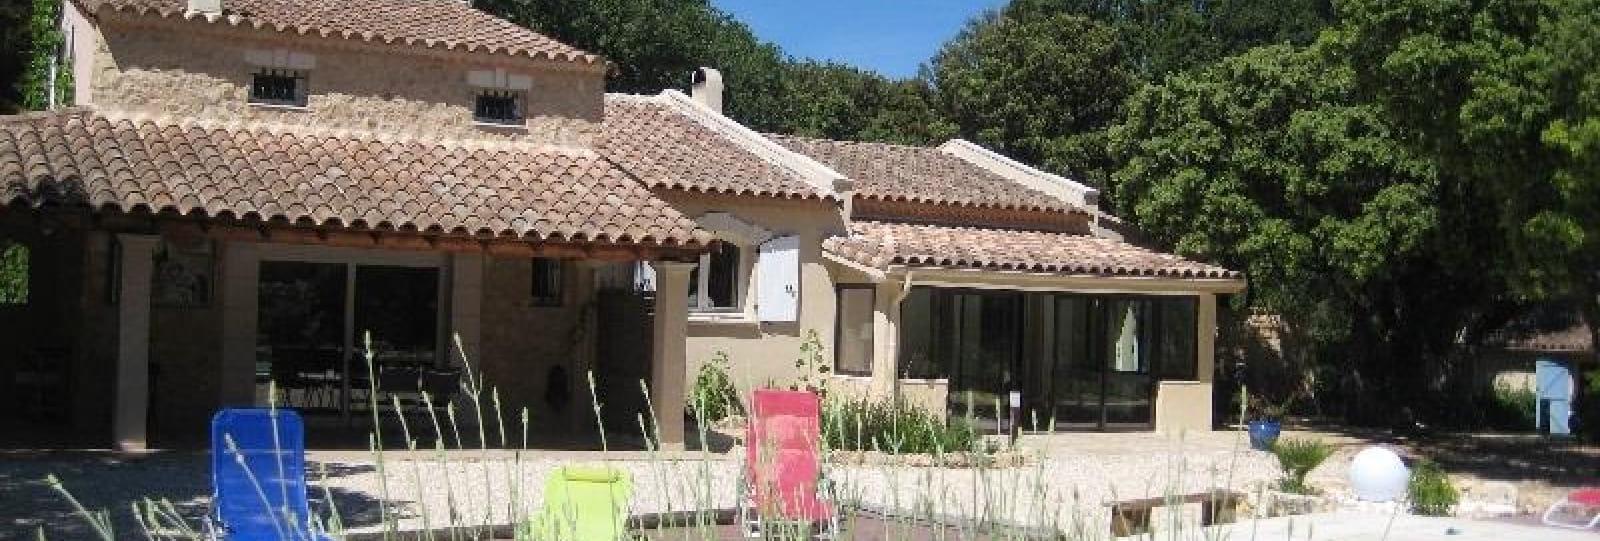 Piscine + maison saint restitut